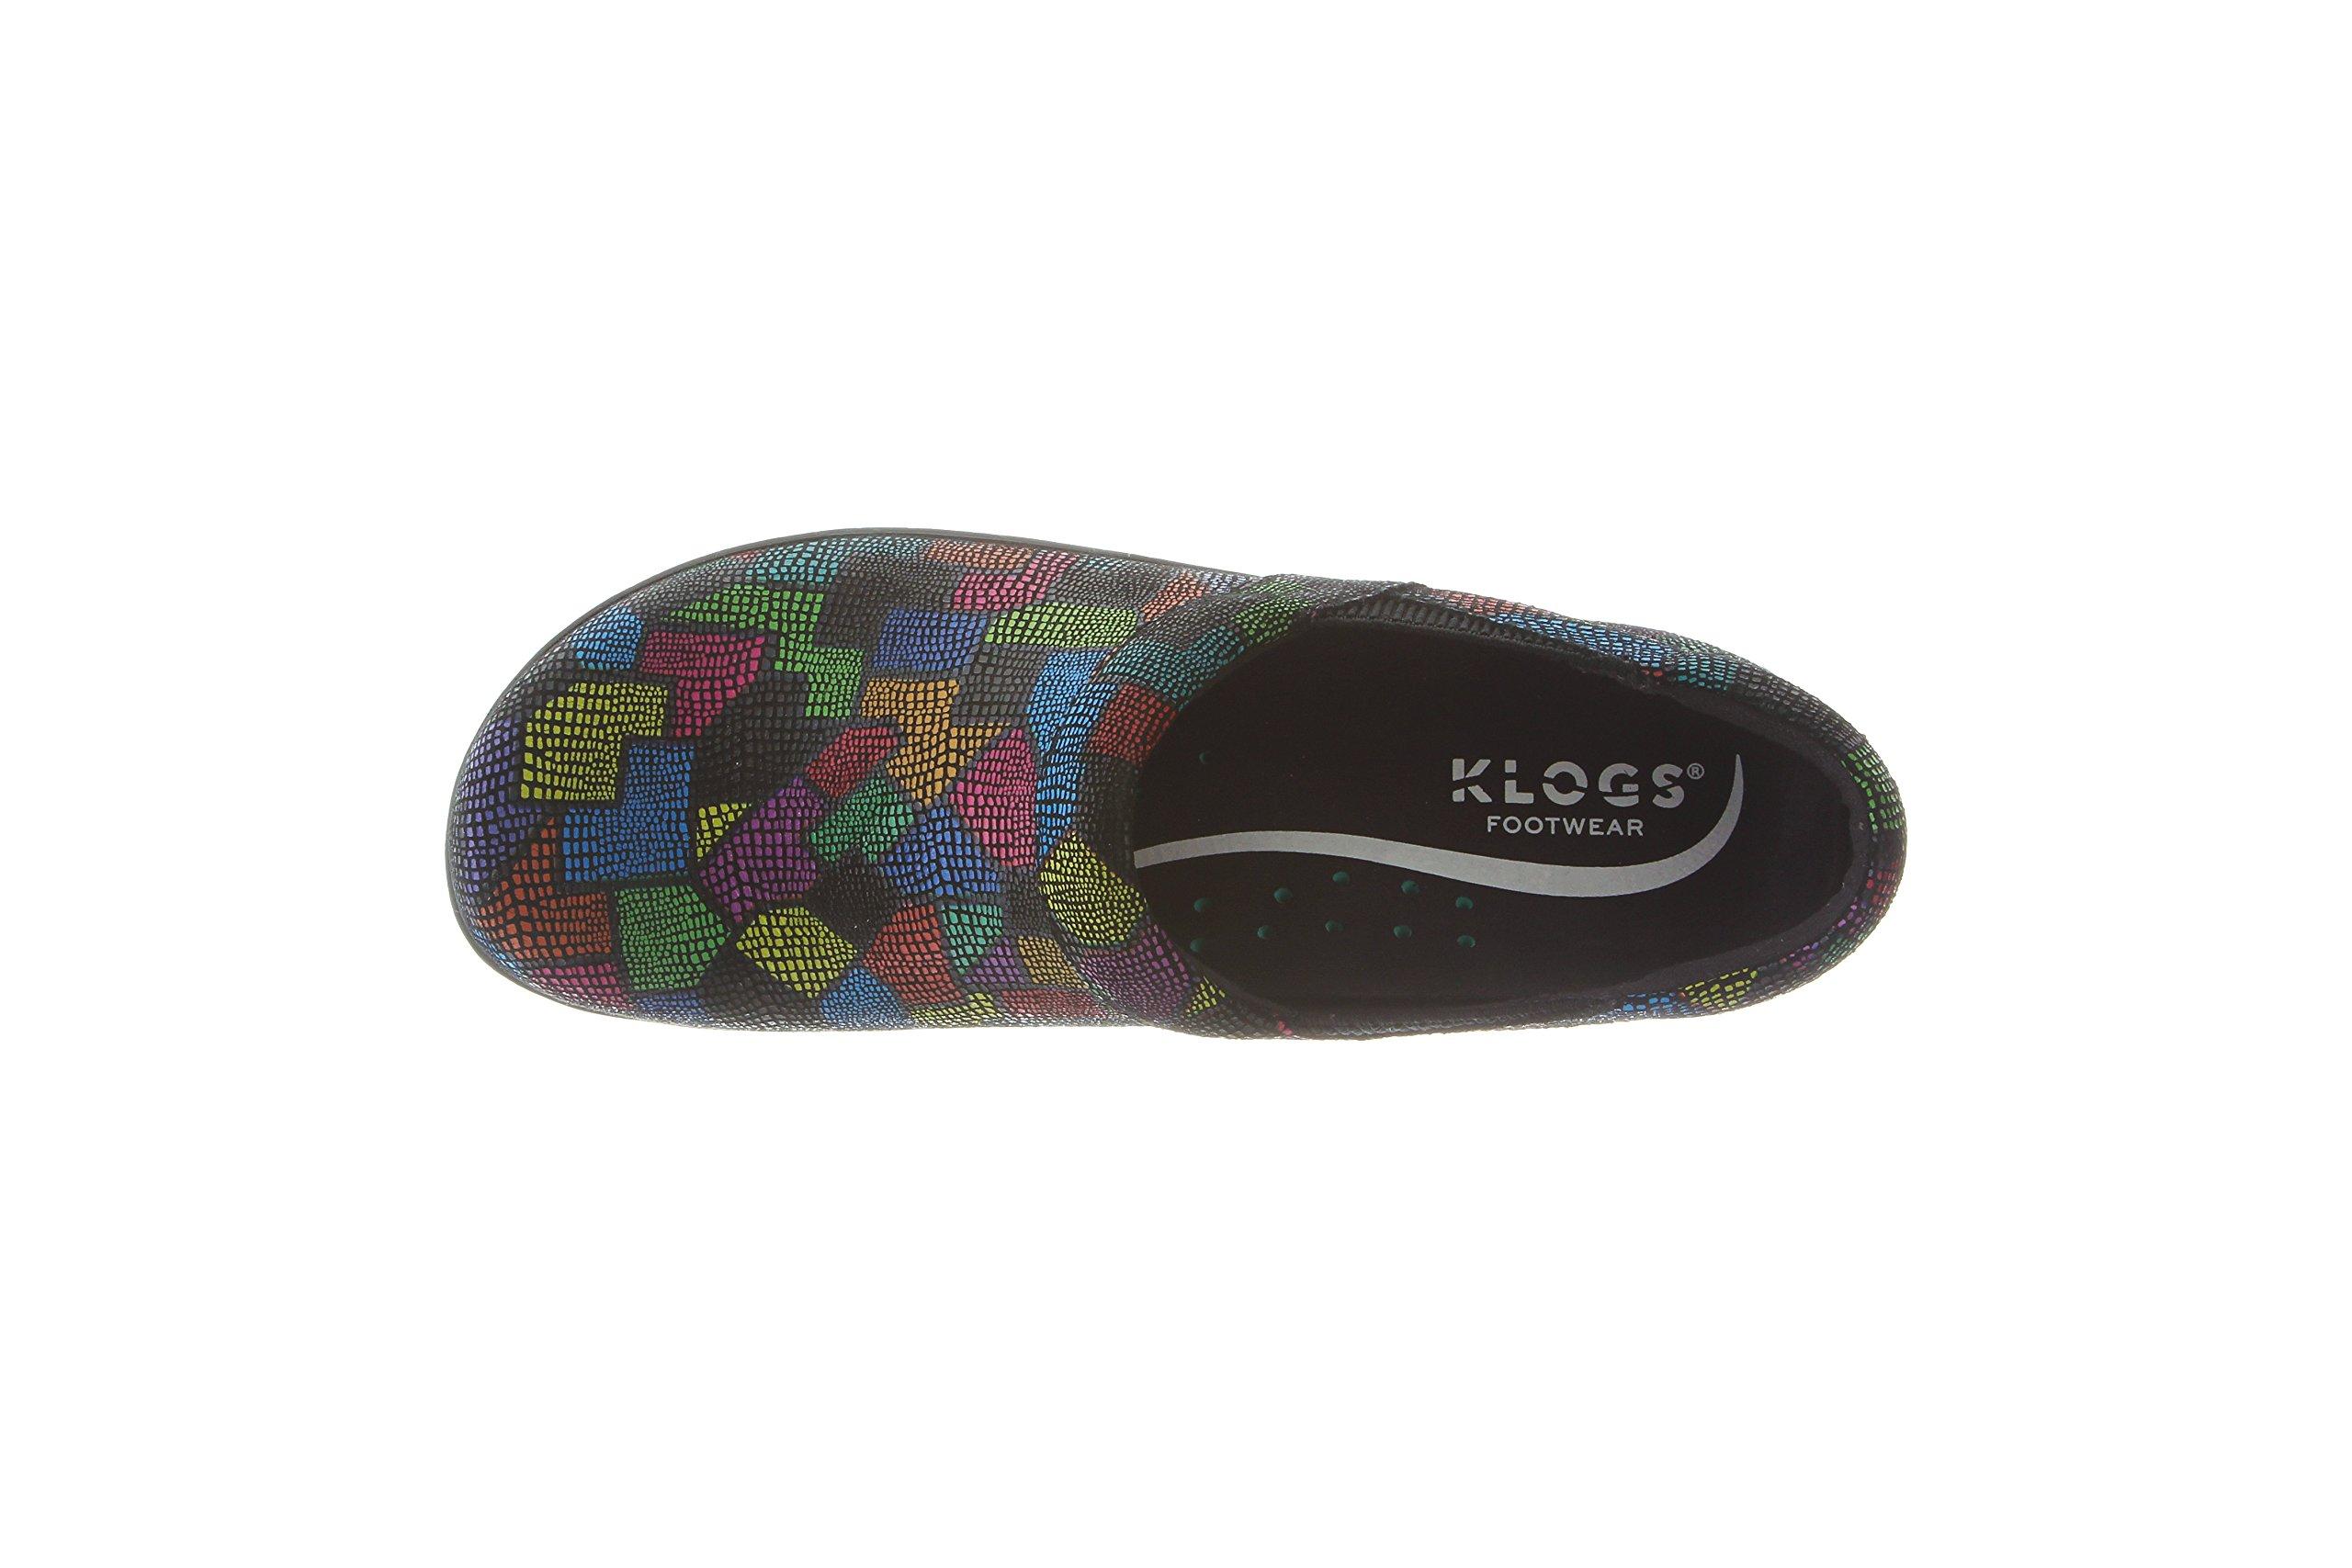 Klogs Footwear Women's Portland Shoe, Puzzle, 9 M